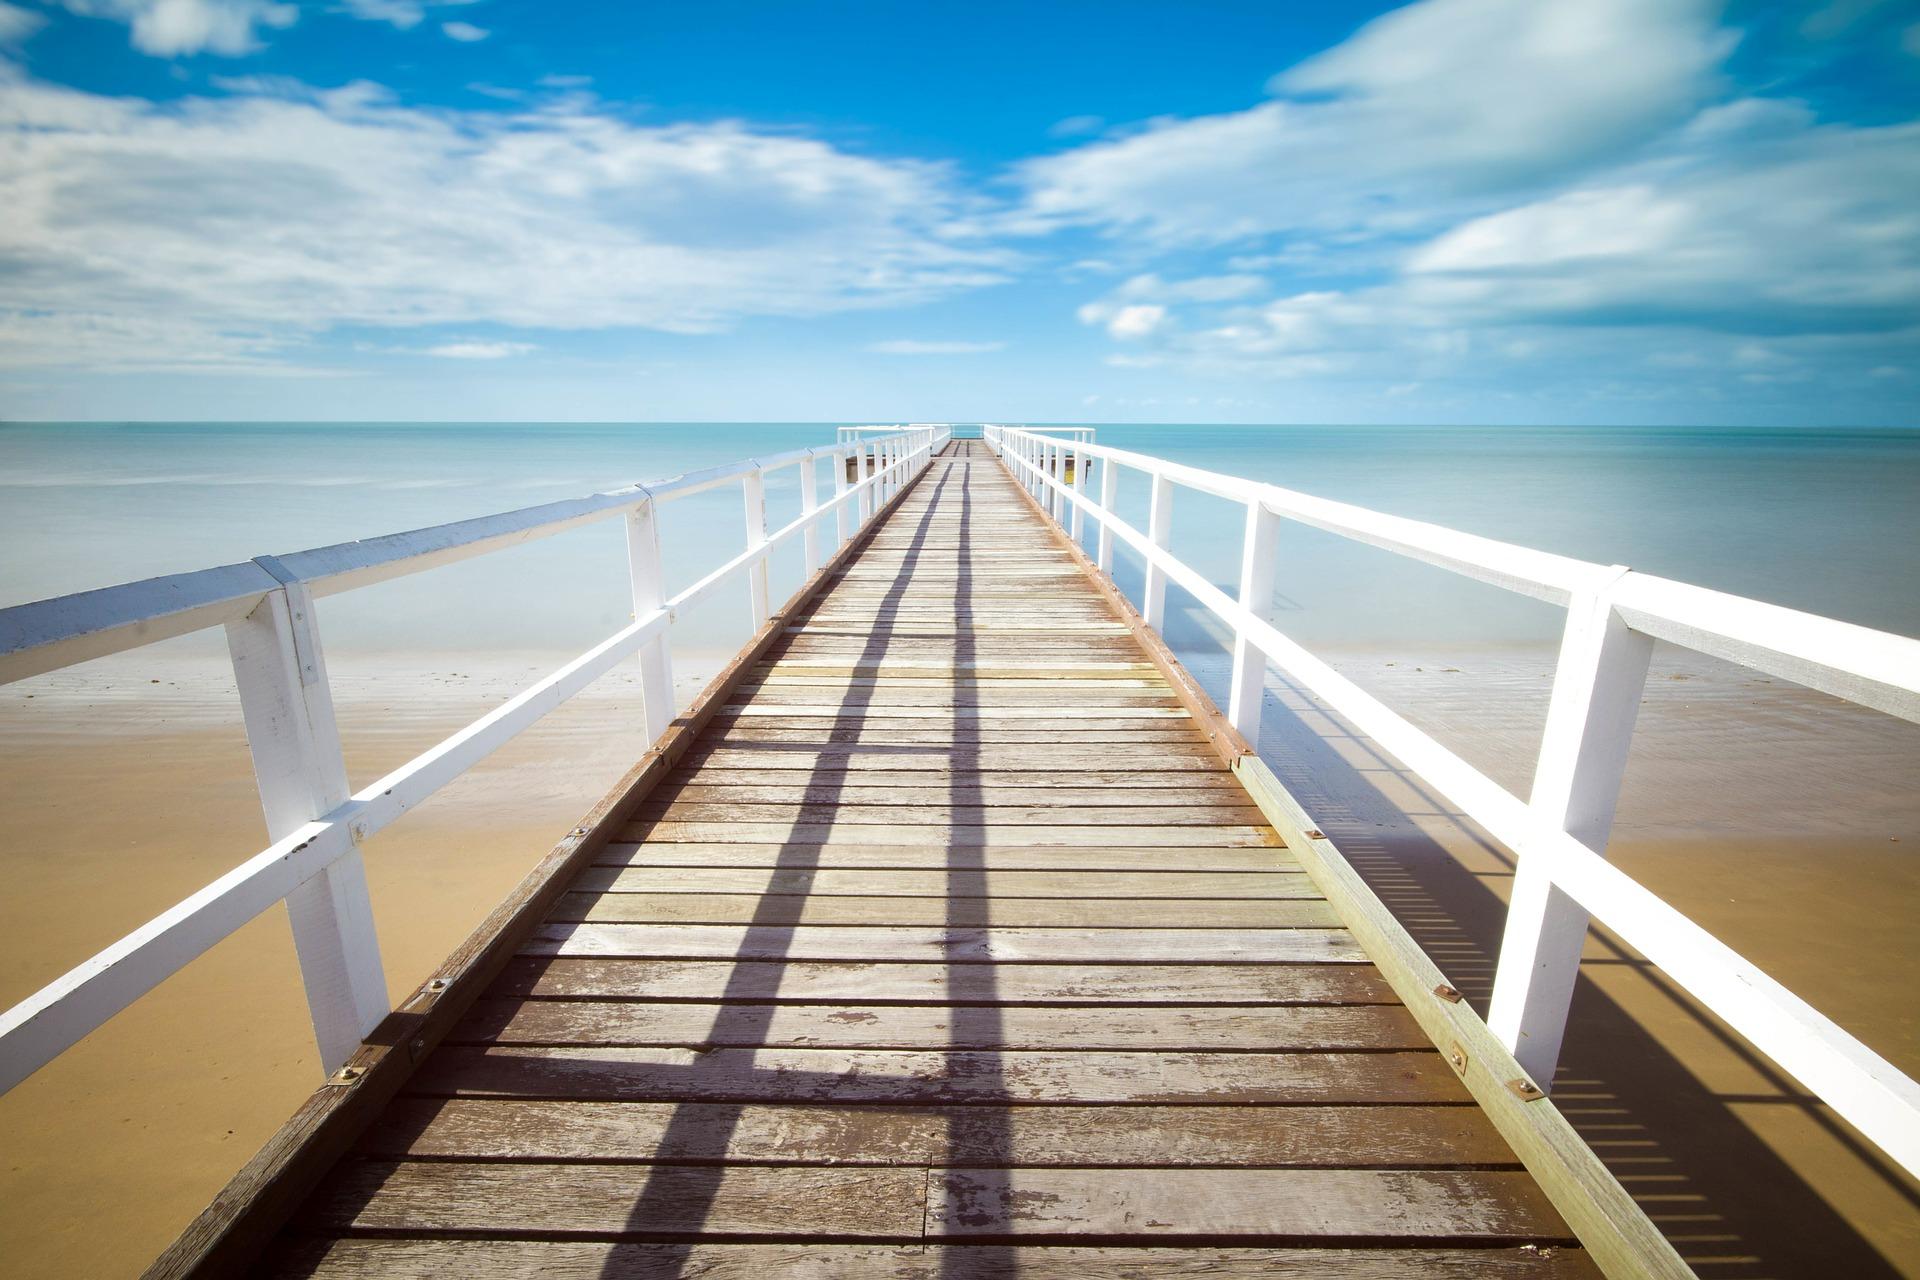 boardwalk-569314_1920